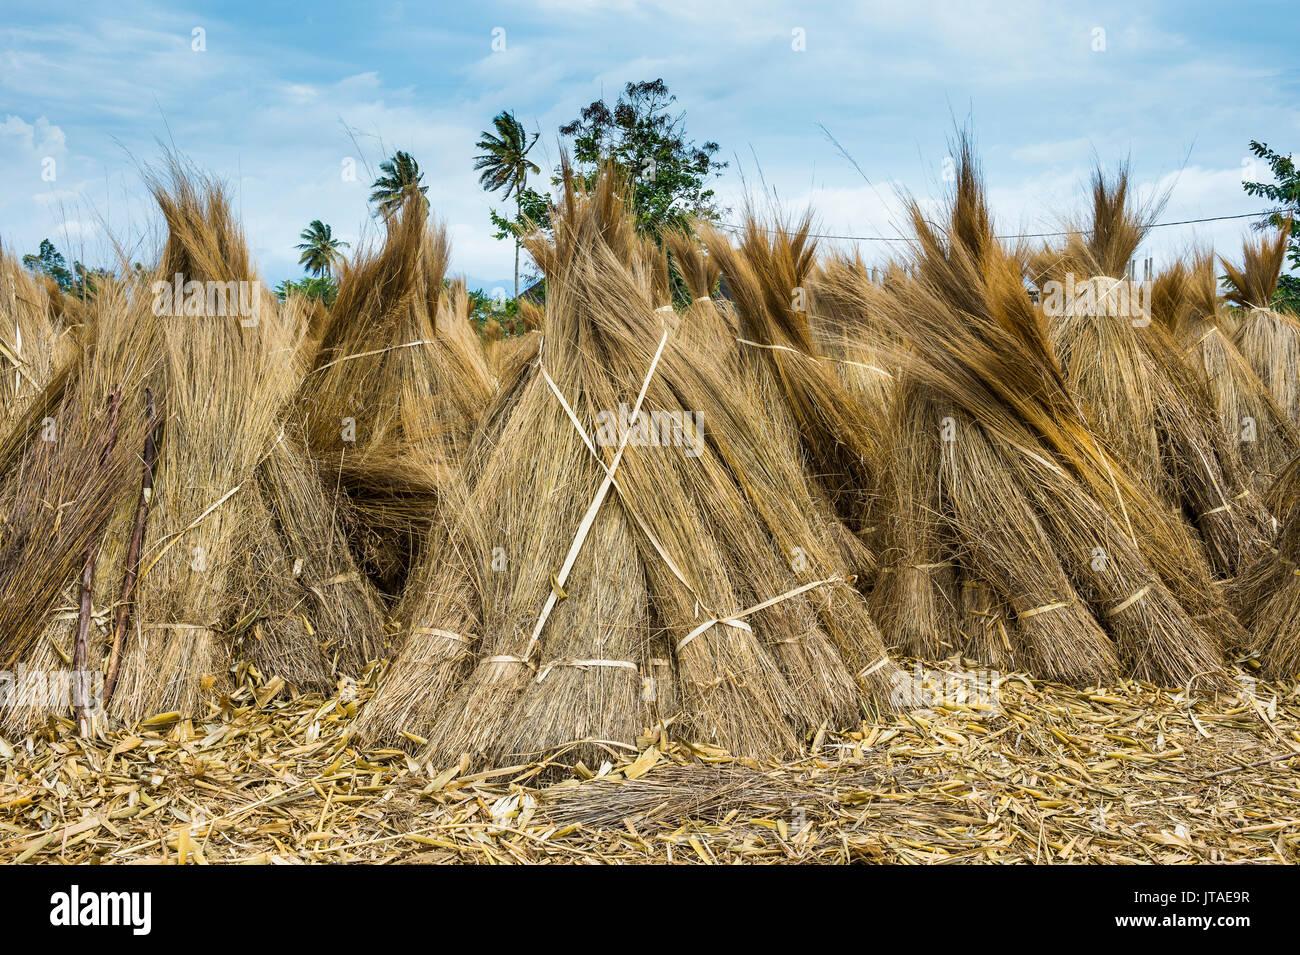 Reeds for sale on the shores of Lake Tanganyika, Bujumbura, Burundi, Africa Stock Photo